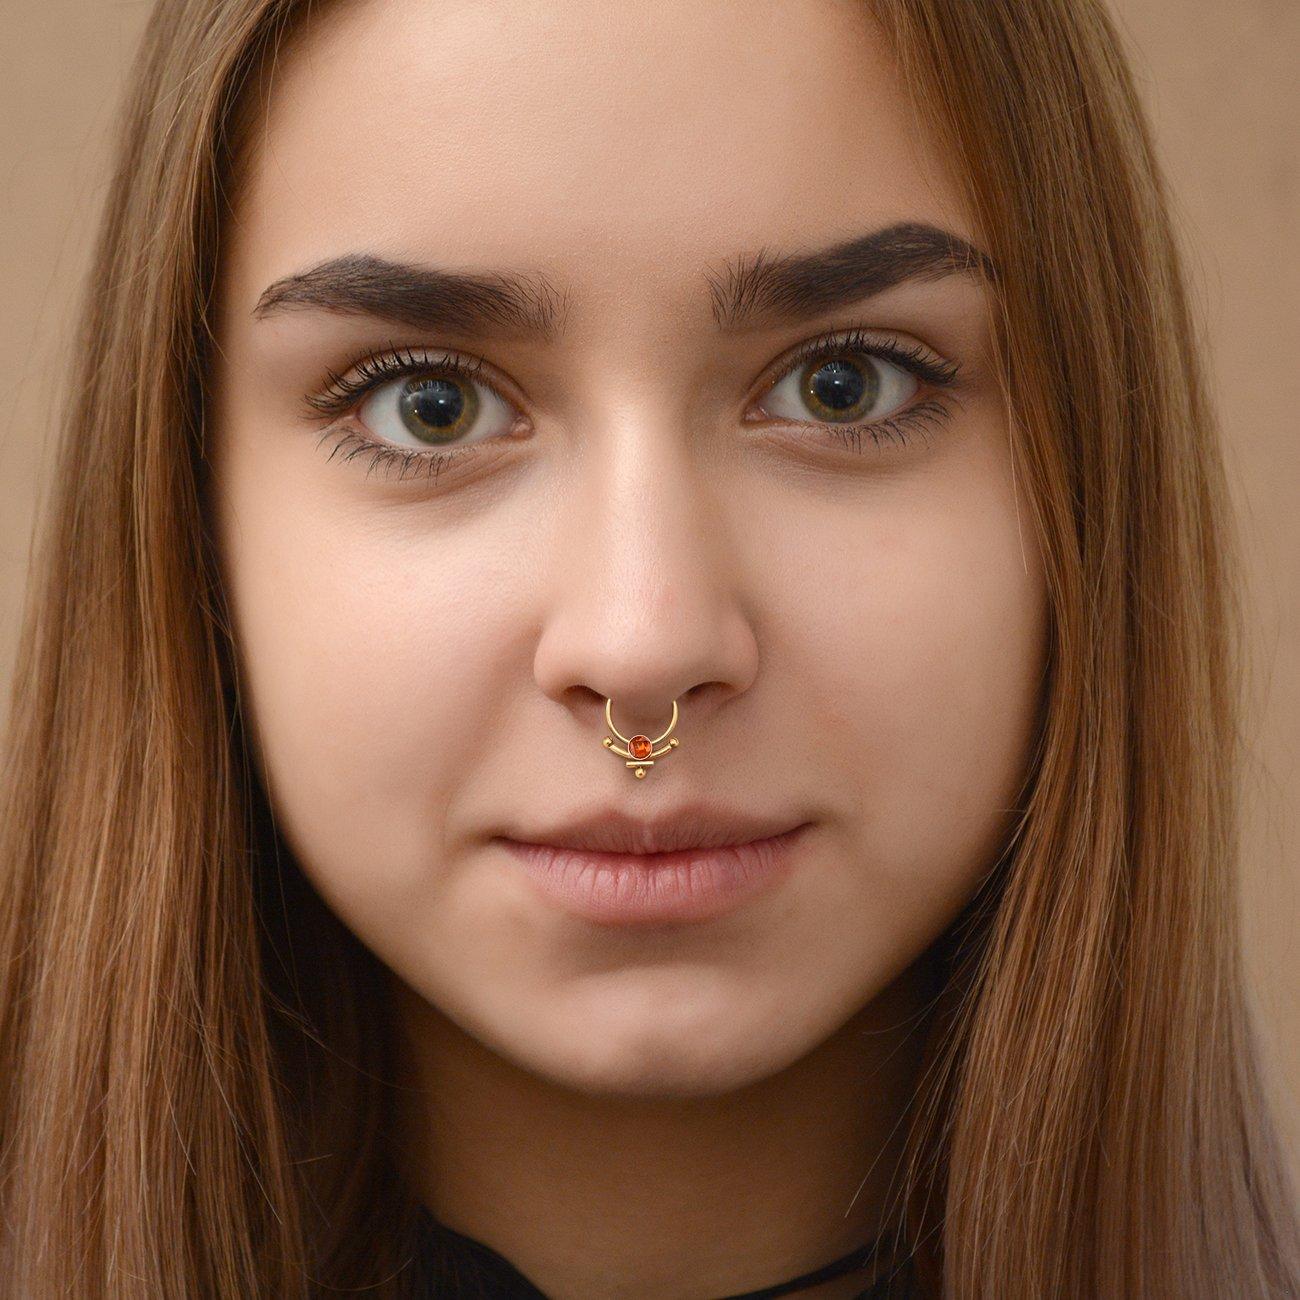 CZ Septum Ring Septum Piercing Daith Earring